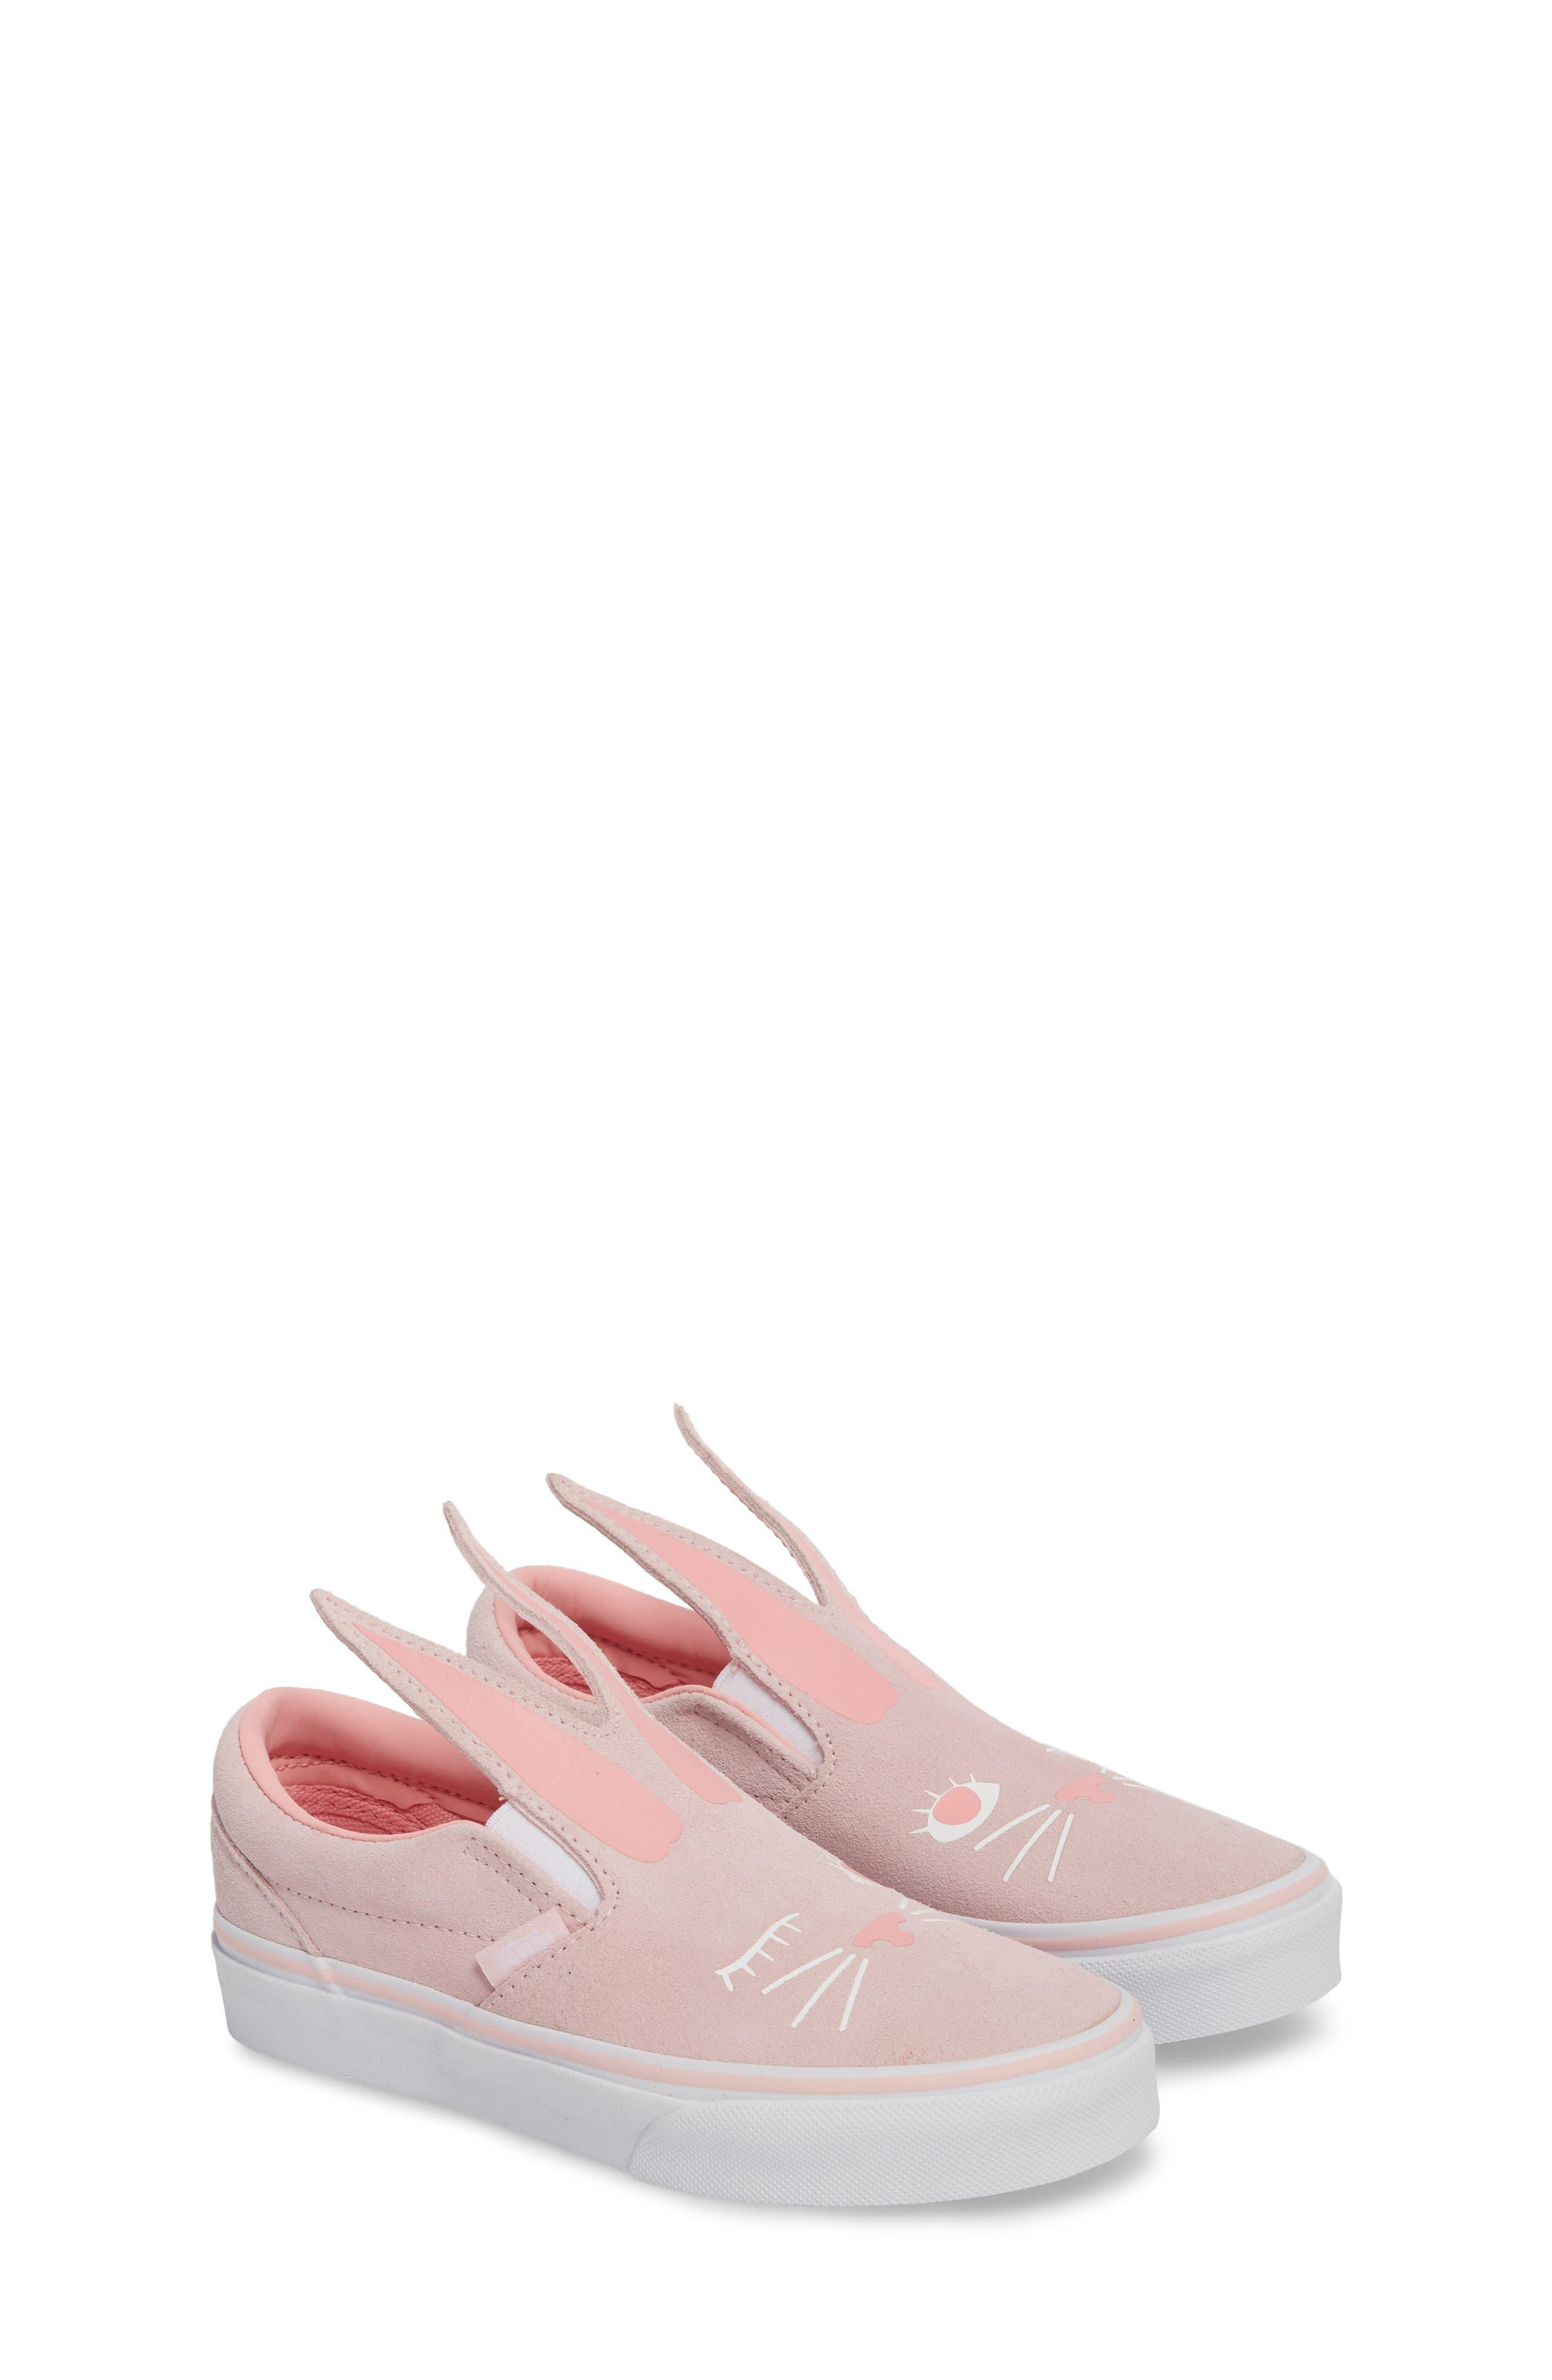 Slip-On Bunny Sneaker,                             Alternate thumbnail 3, color,                             Chalk Pink/ True White